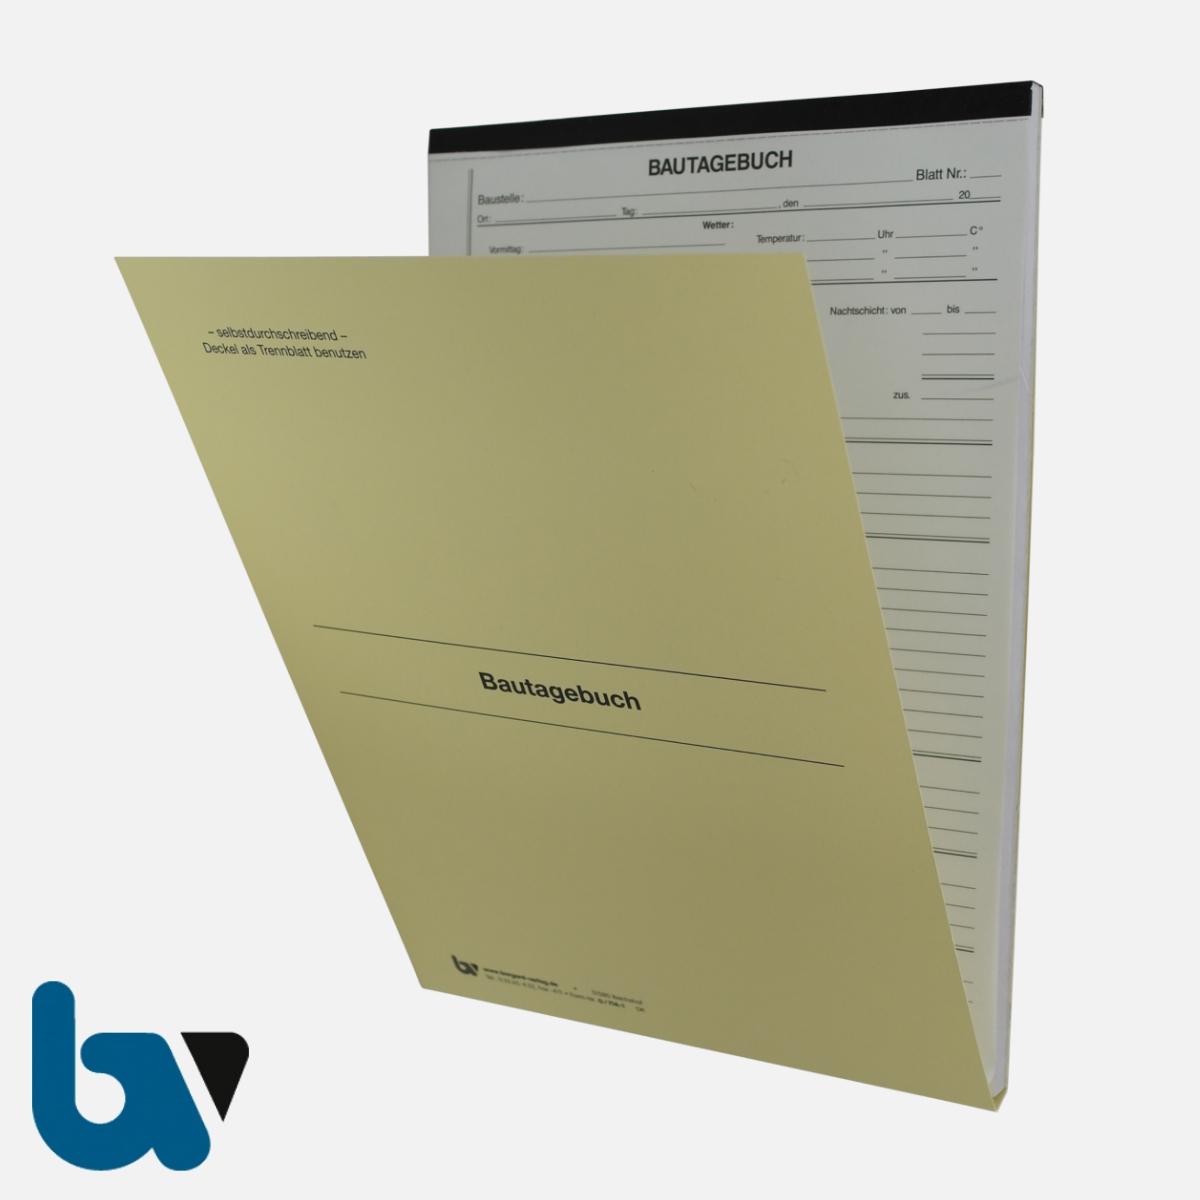 0/714-1 Bautagebuch Arbeit Gerät Baustoff Material selbstdurchschreibend Einschlagdeckel Durchschreibeschutz Schreibschutzdeckel perforiert DIN A4 Vorderseite | Borgard Verlag GmbH